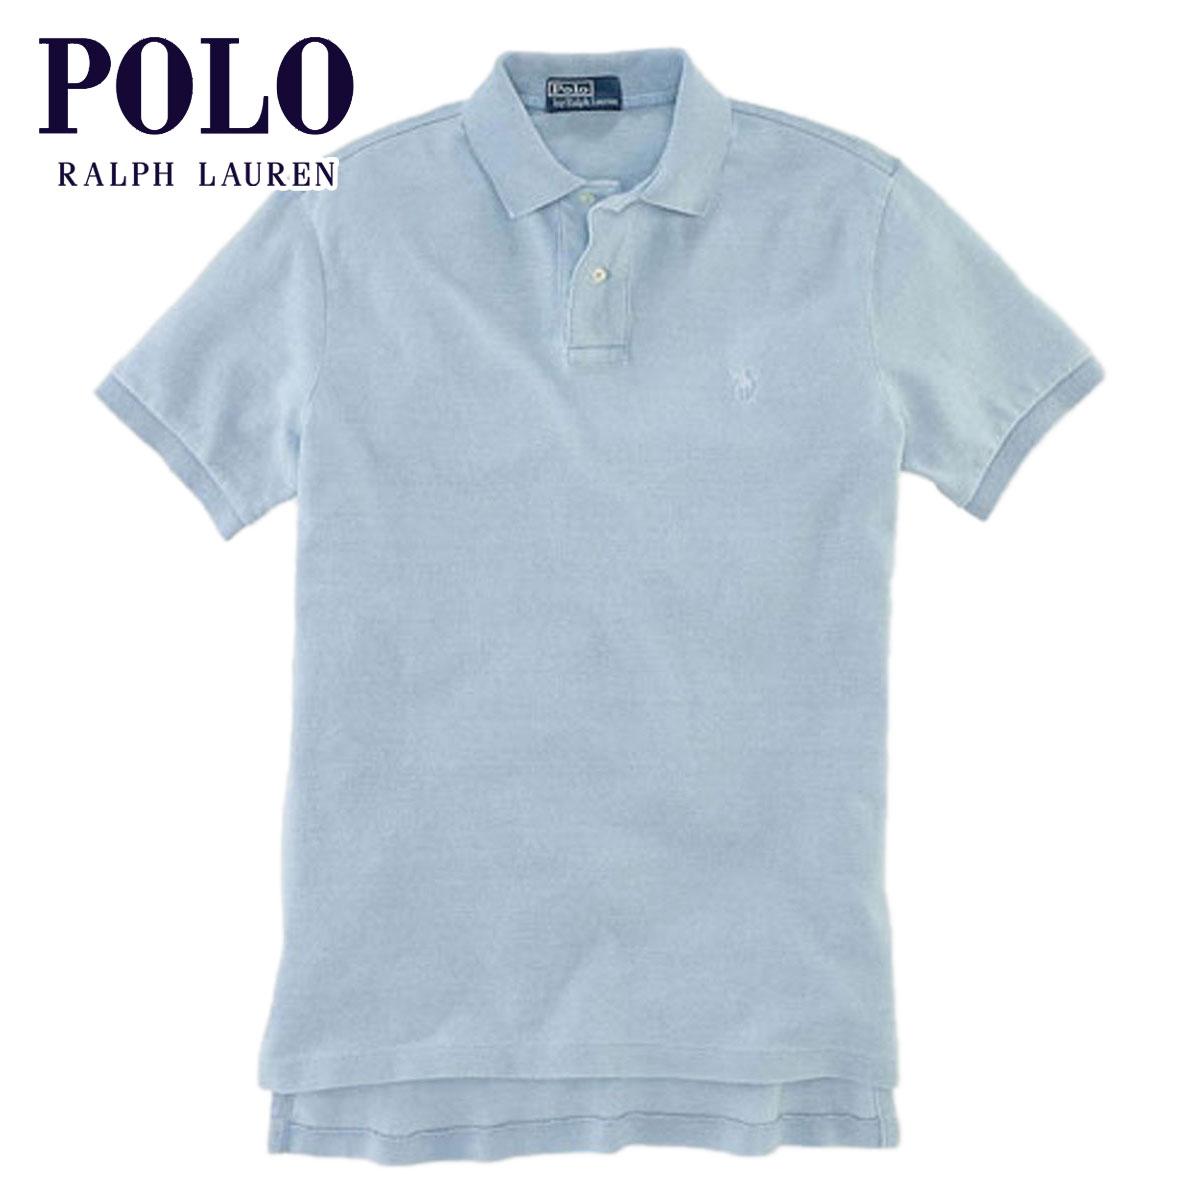 ポロ ラルフローレン POLO RALPH LAUREN 正規品 メンズ ポロシャツ Custom-Fit Indigo Polo LIGHT BLUE D20S30